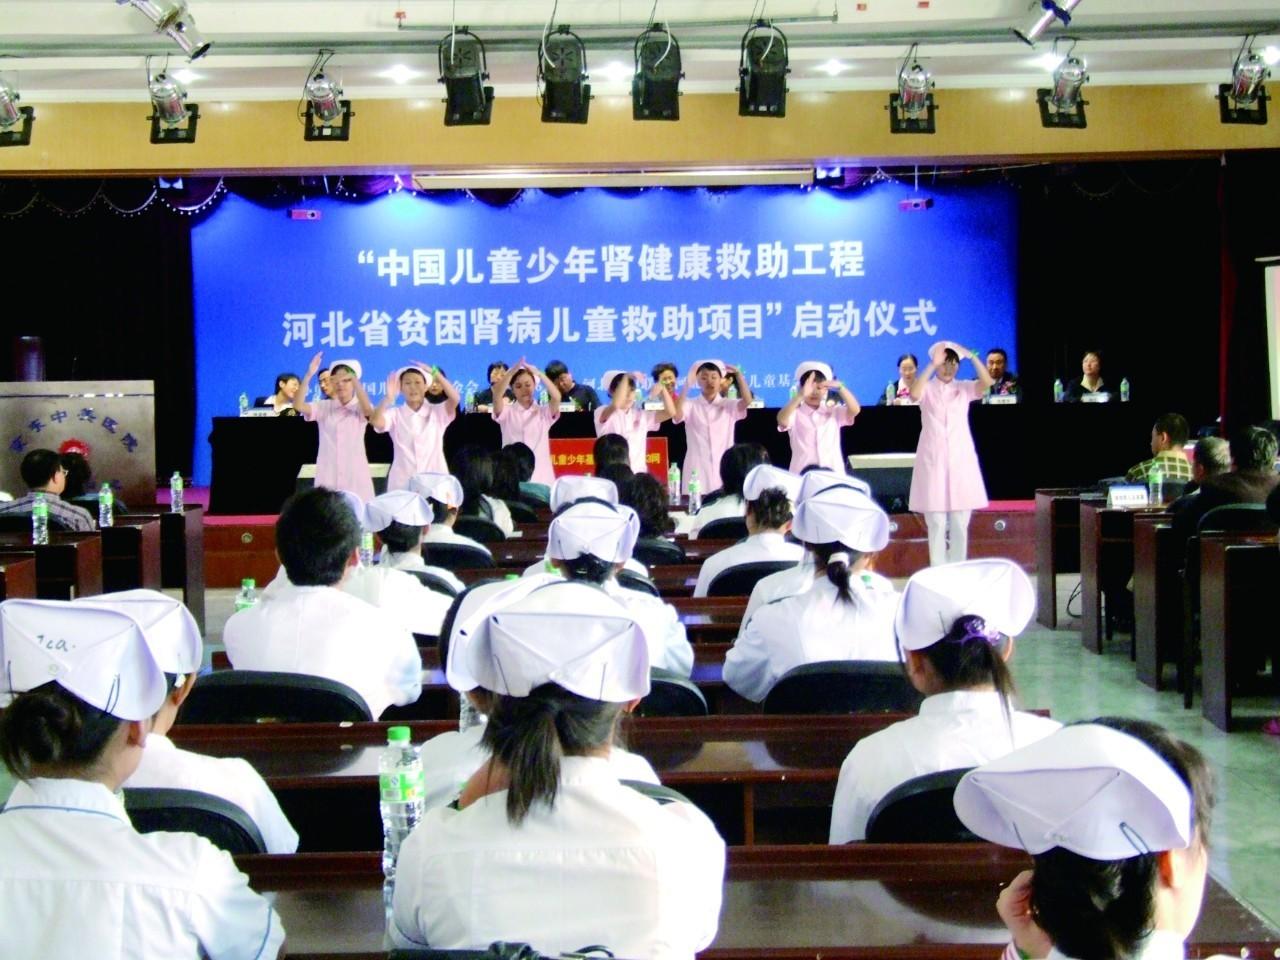 2008年9月河北省肾病贫困儿童救助工程